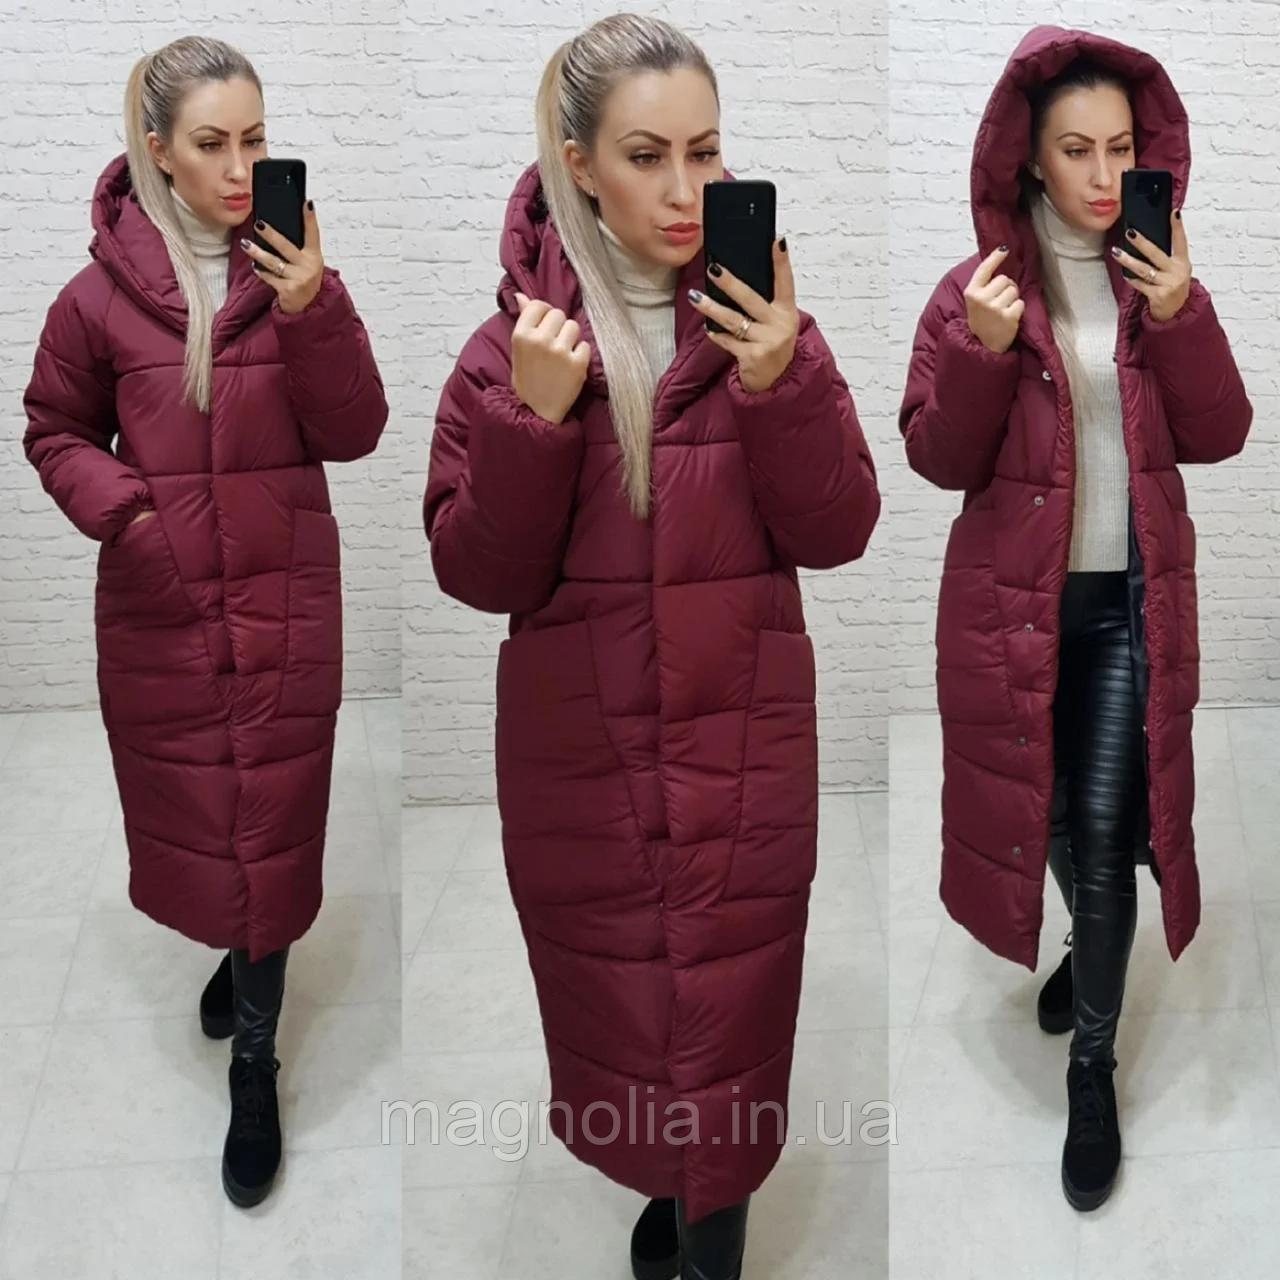 Довга тепла зимова куртка ковдра пальто одеяло з капішоном (плащівка, наповнювач силикон 300) 54-56